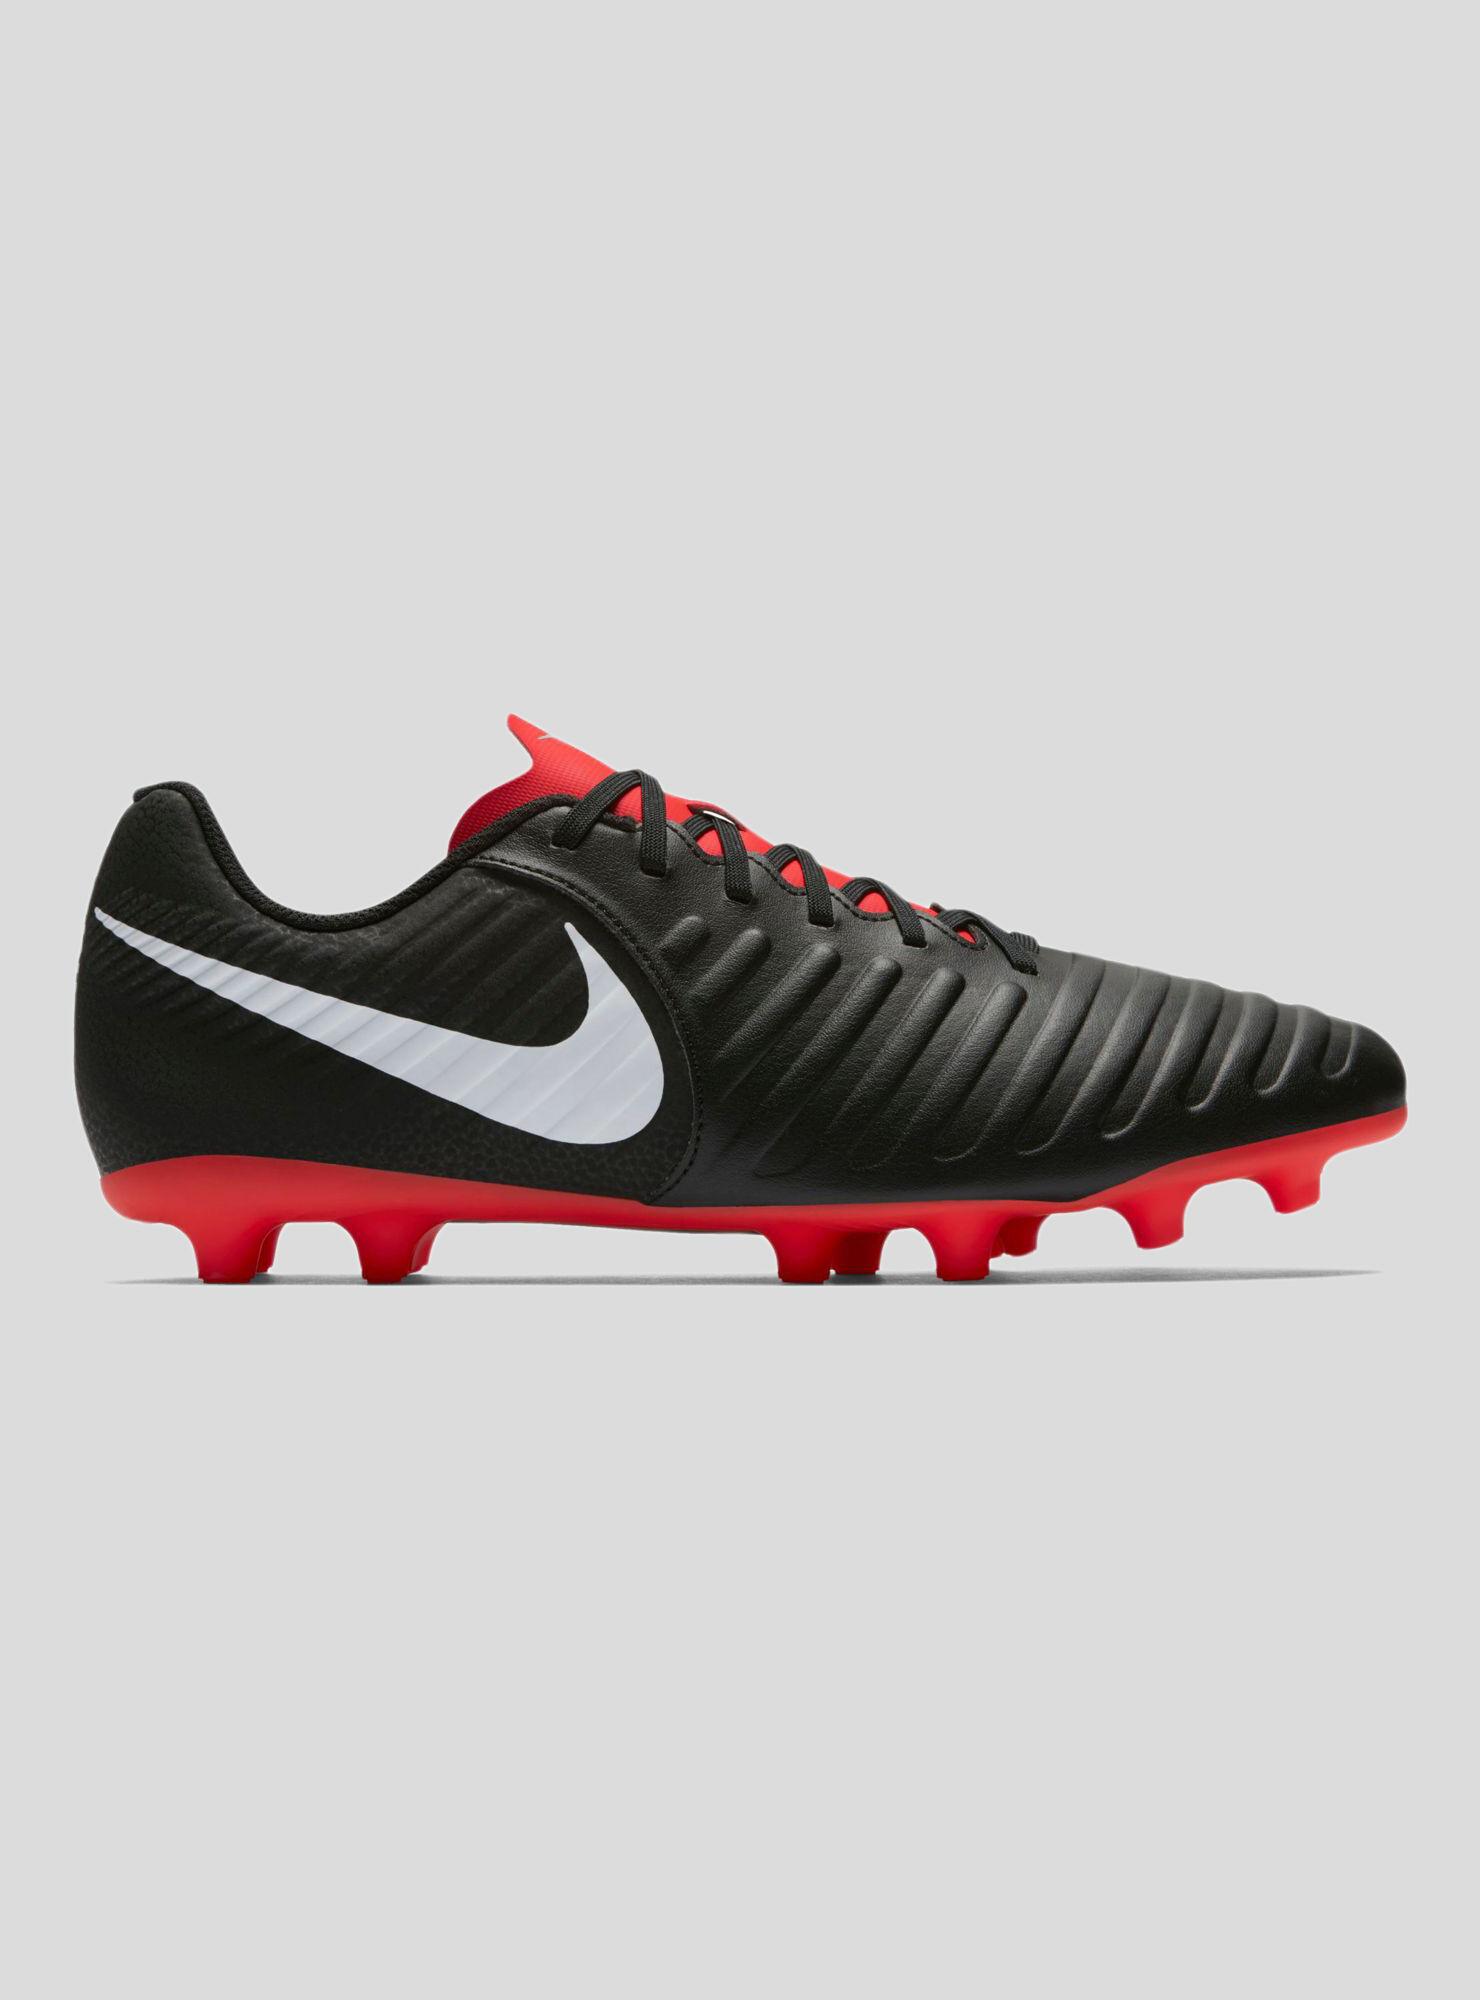 Zapatilla Nike Legend 7 Club Fútbol Hombre - Zapatillas Fútbol  a6e8c2151cf9a